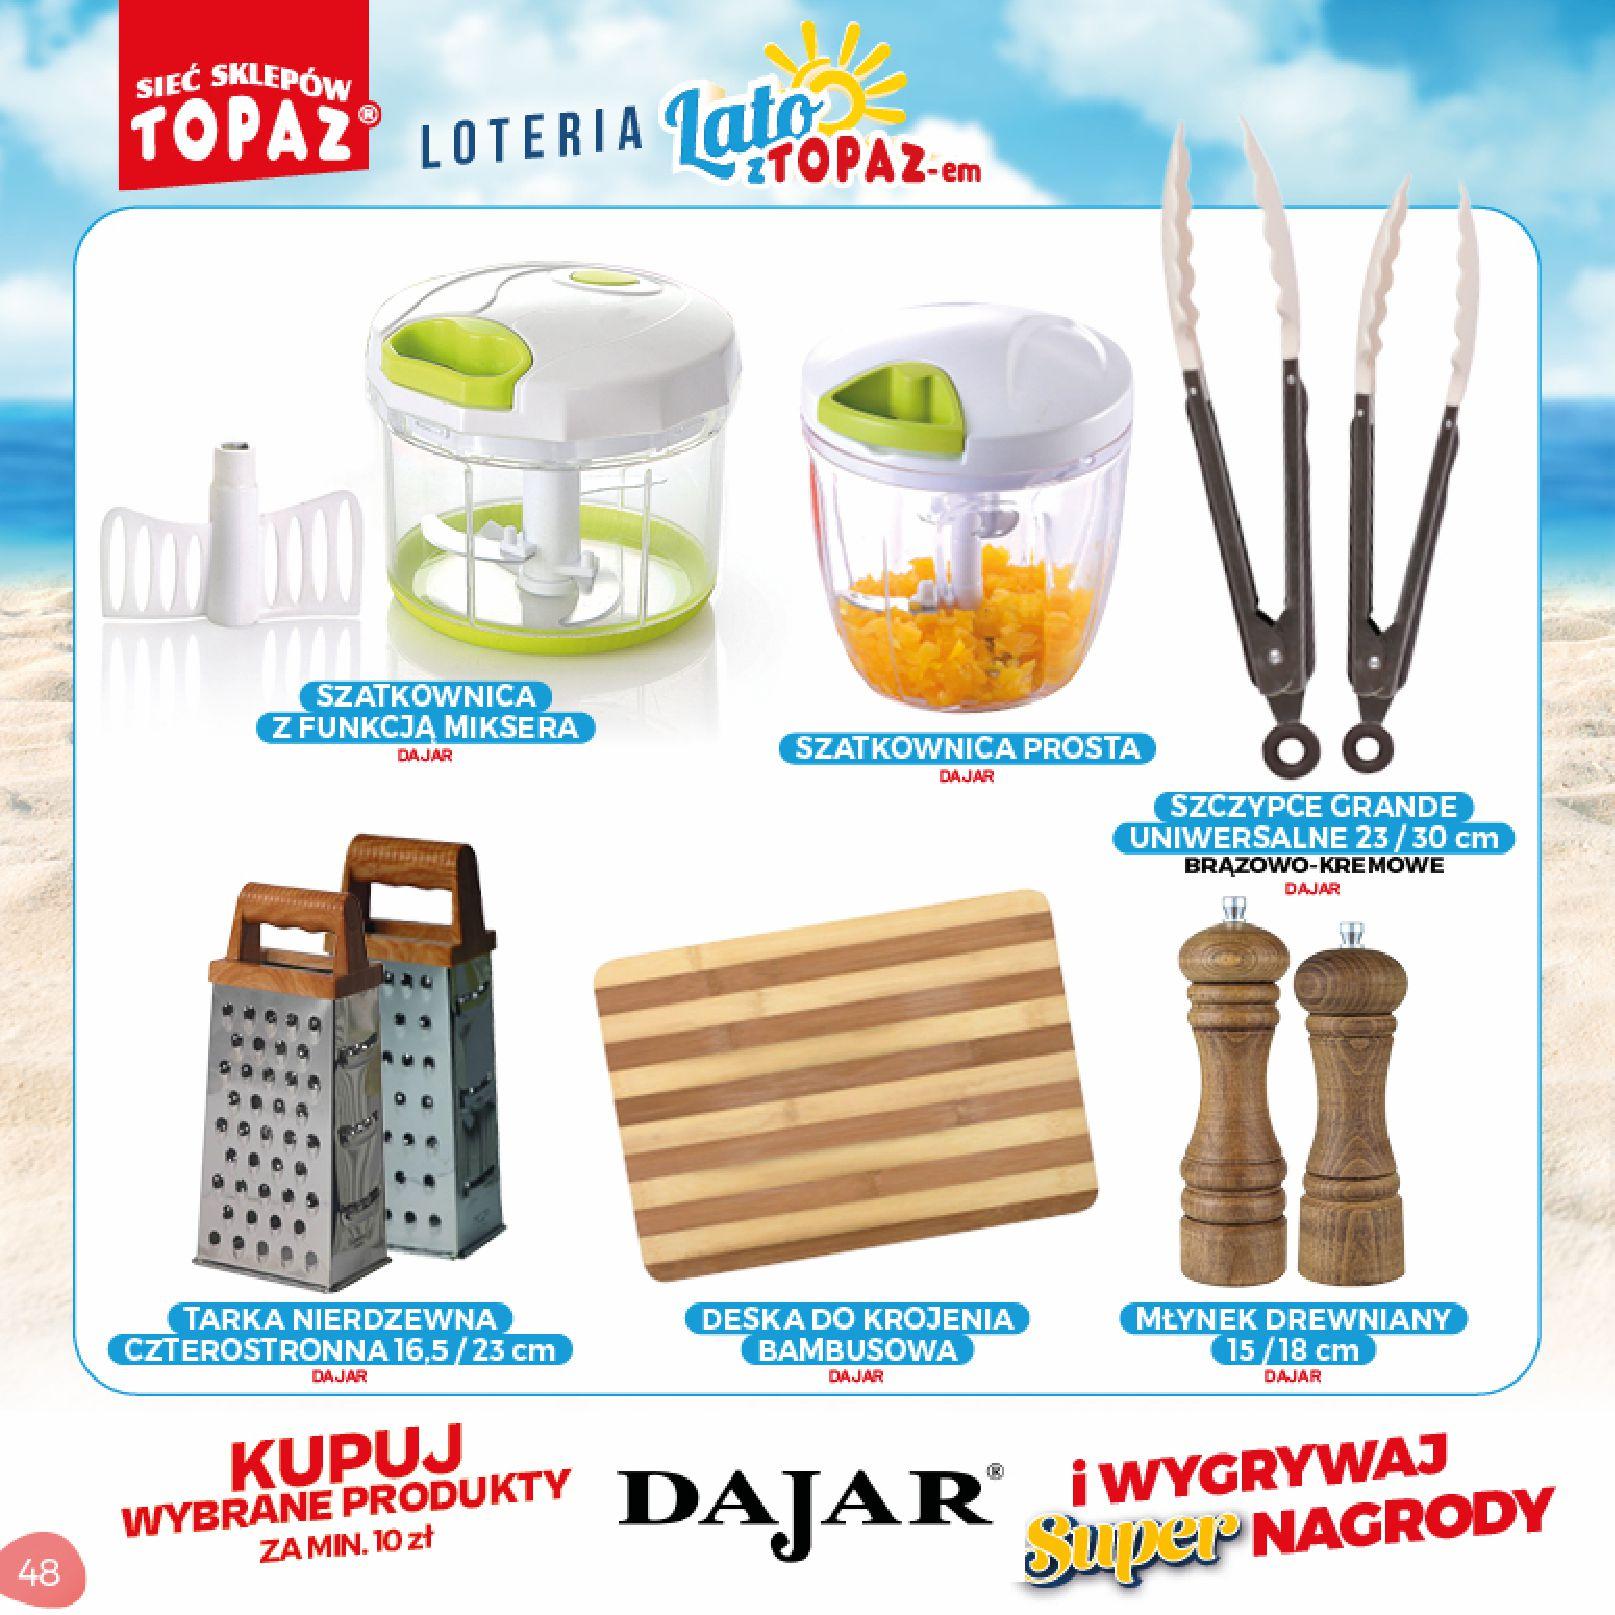 Gazetka TOPAZ: Gazetka TOPAZ - Loteria 2021-07-05 page-48